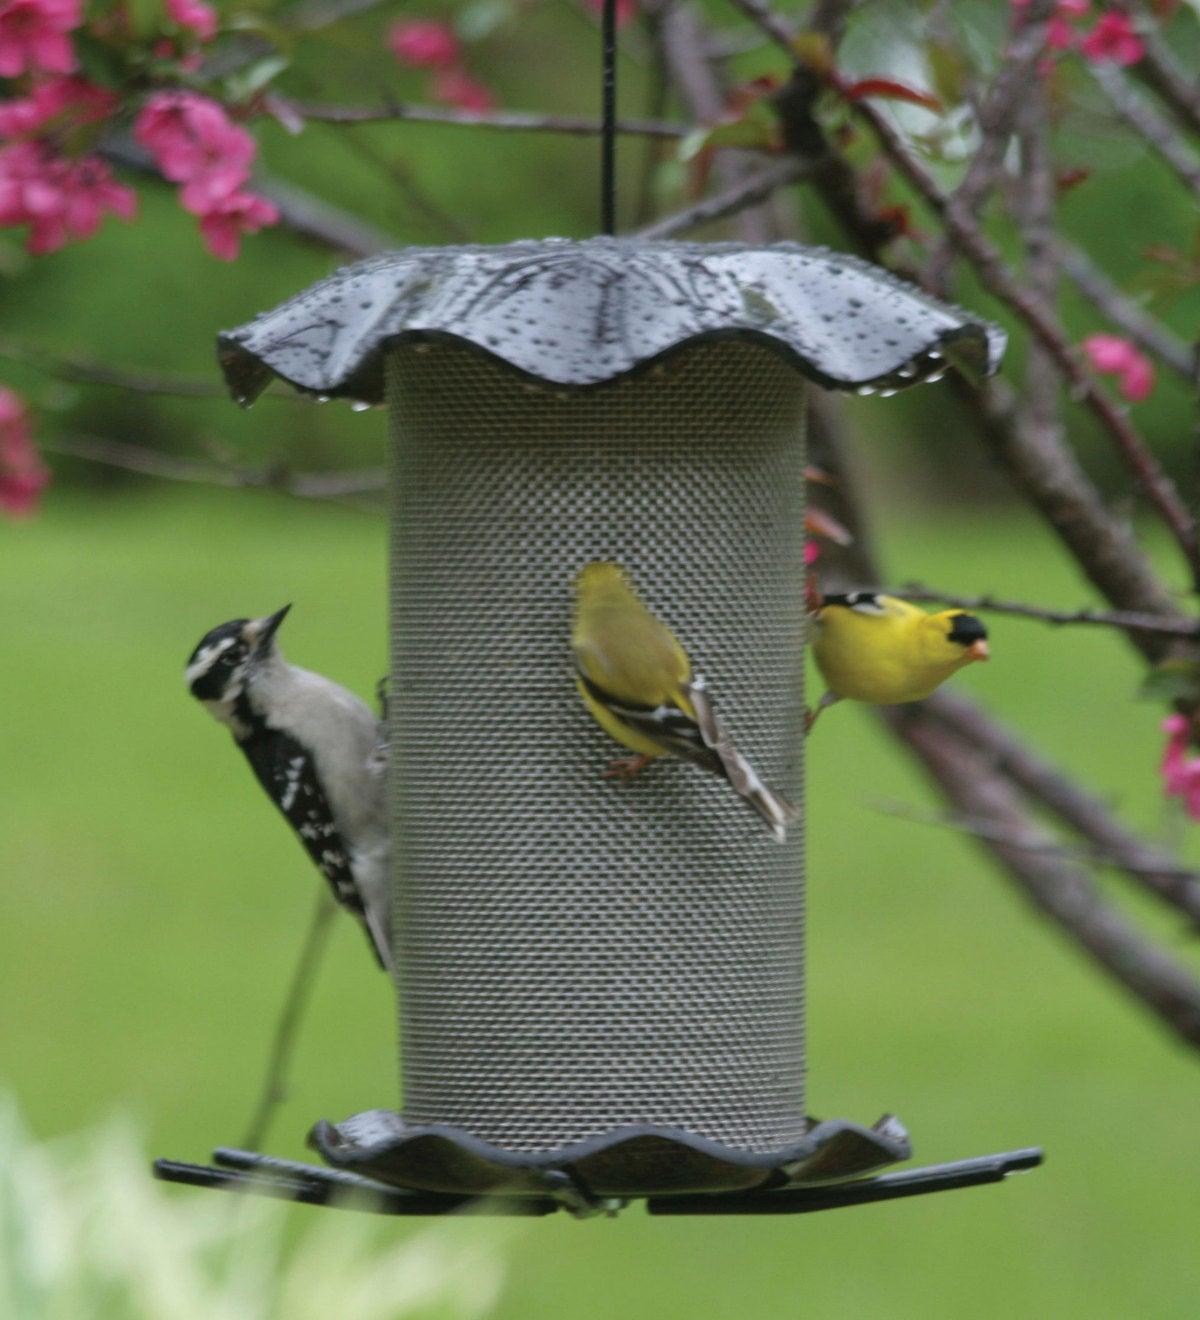 birdfeeder in rain with birds